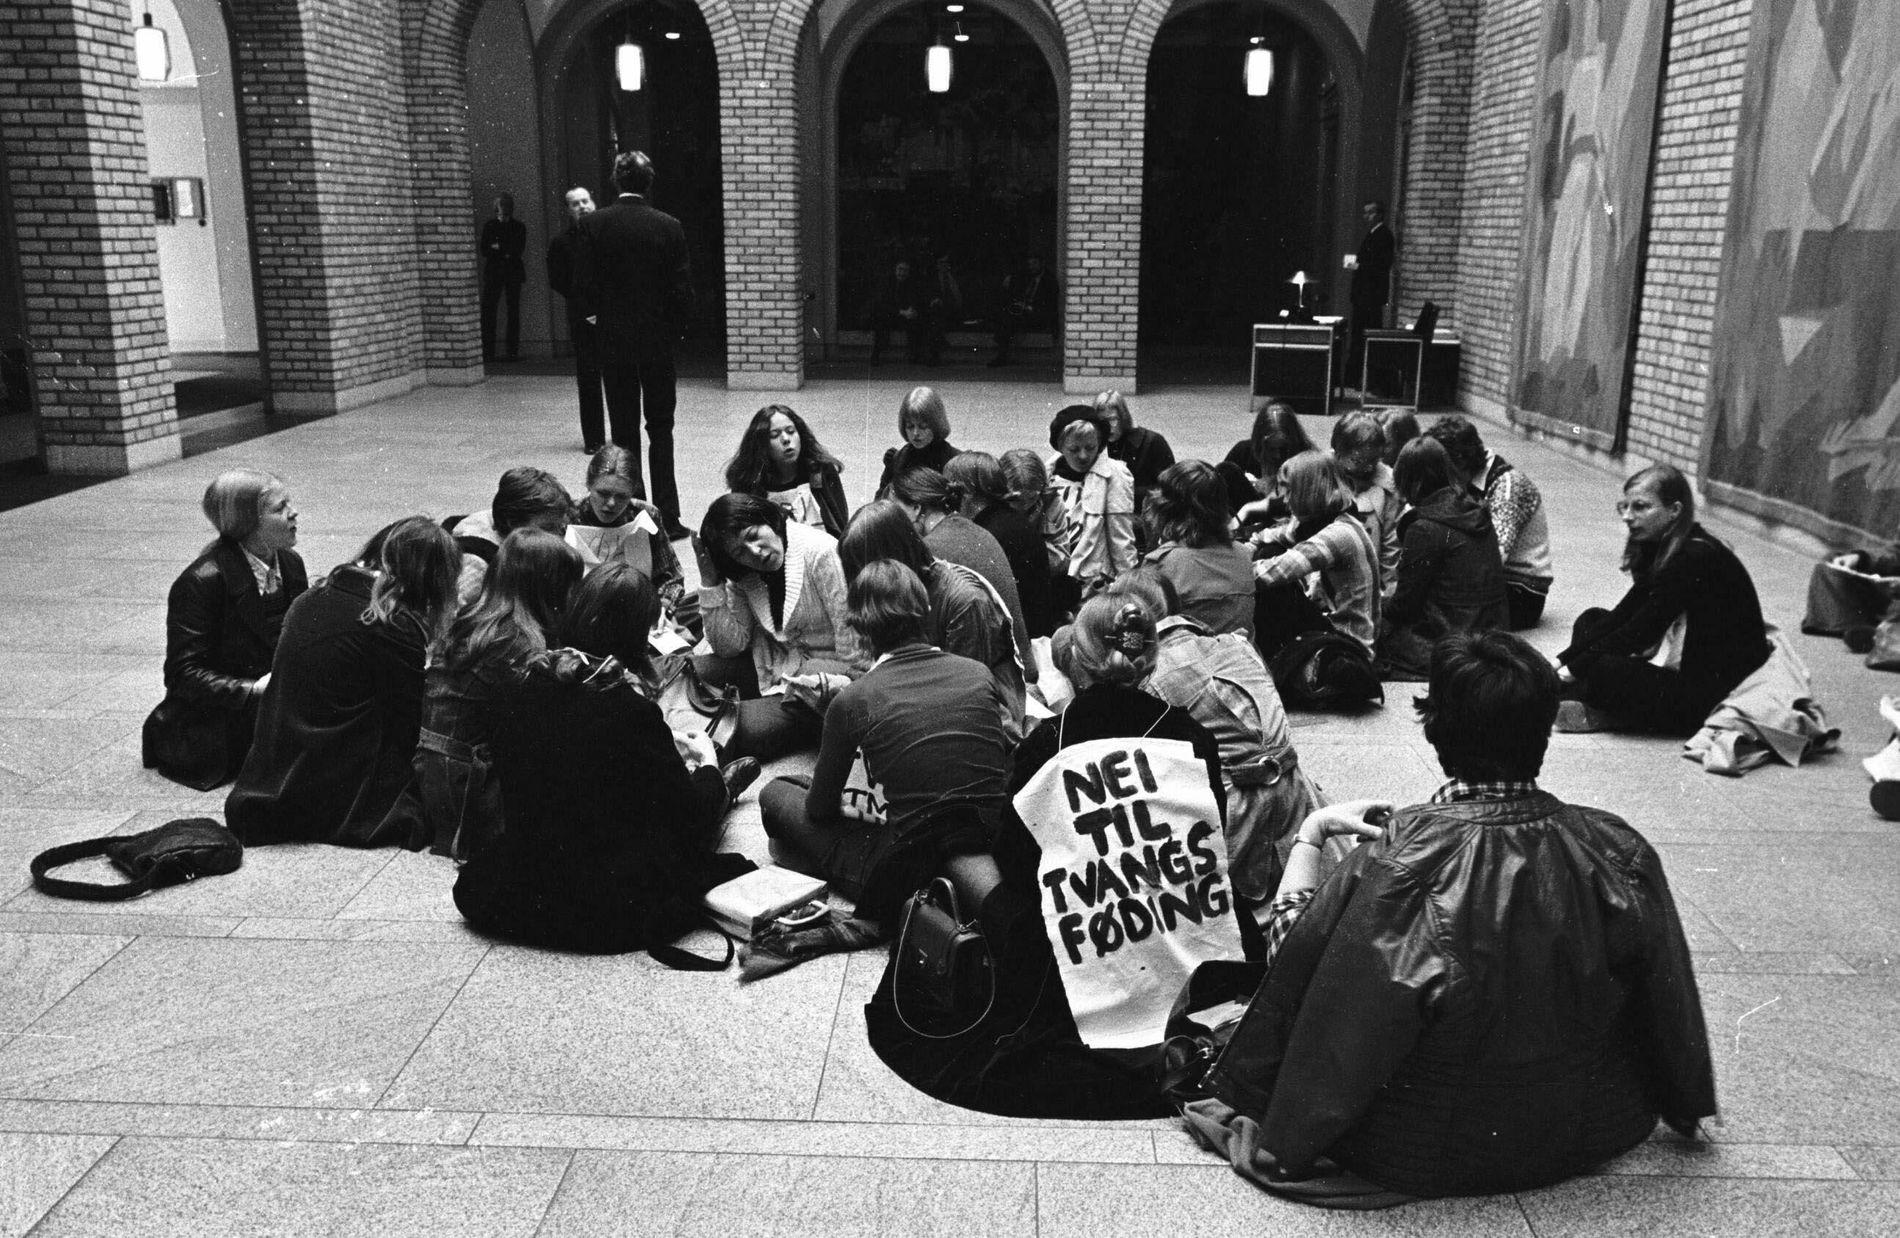 JA TIL FRI ABORT:  Abortdemonstrasjon i stortinget 25. april 1975. De tapte saken da et medlem i SV stemte imot fri abort. Først i 1979 vant de frem.